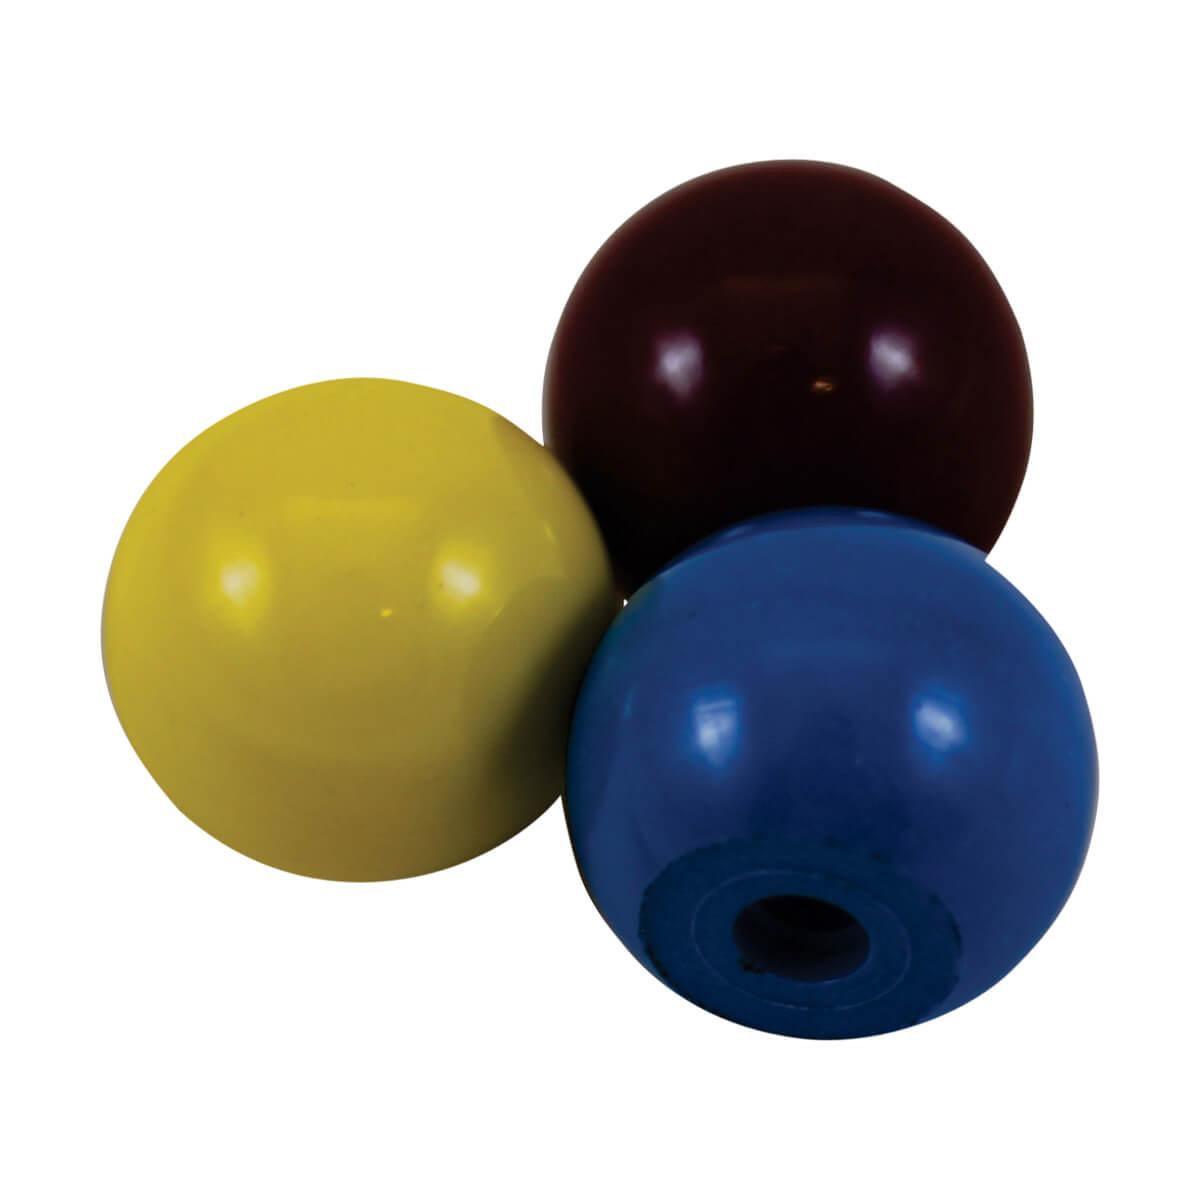 Coloured Knobs for Allflex Syringe